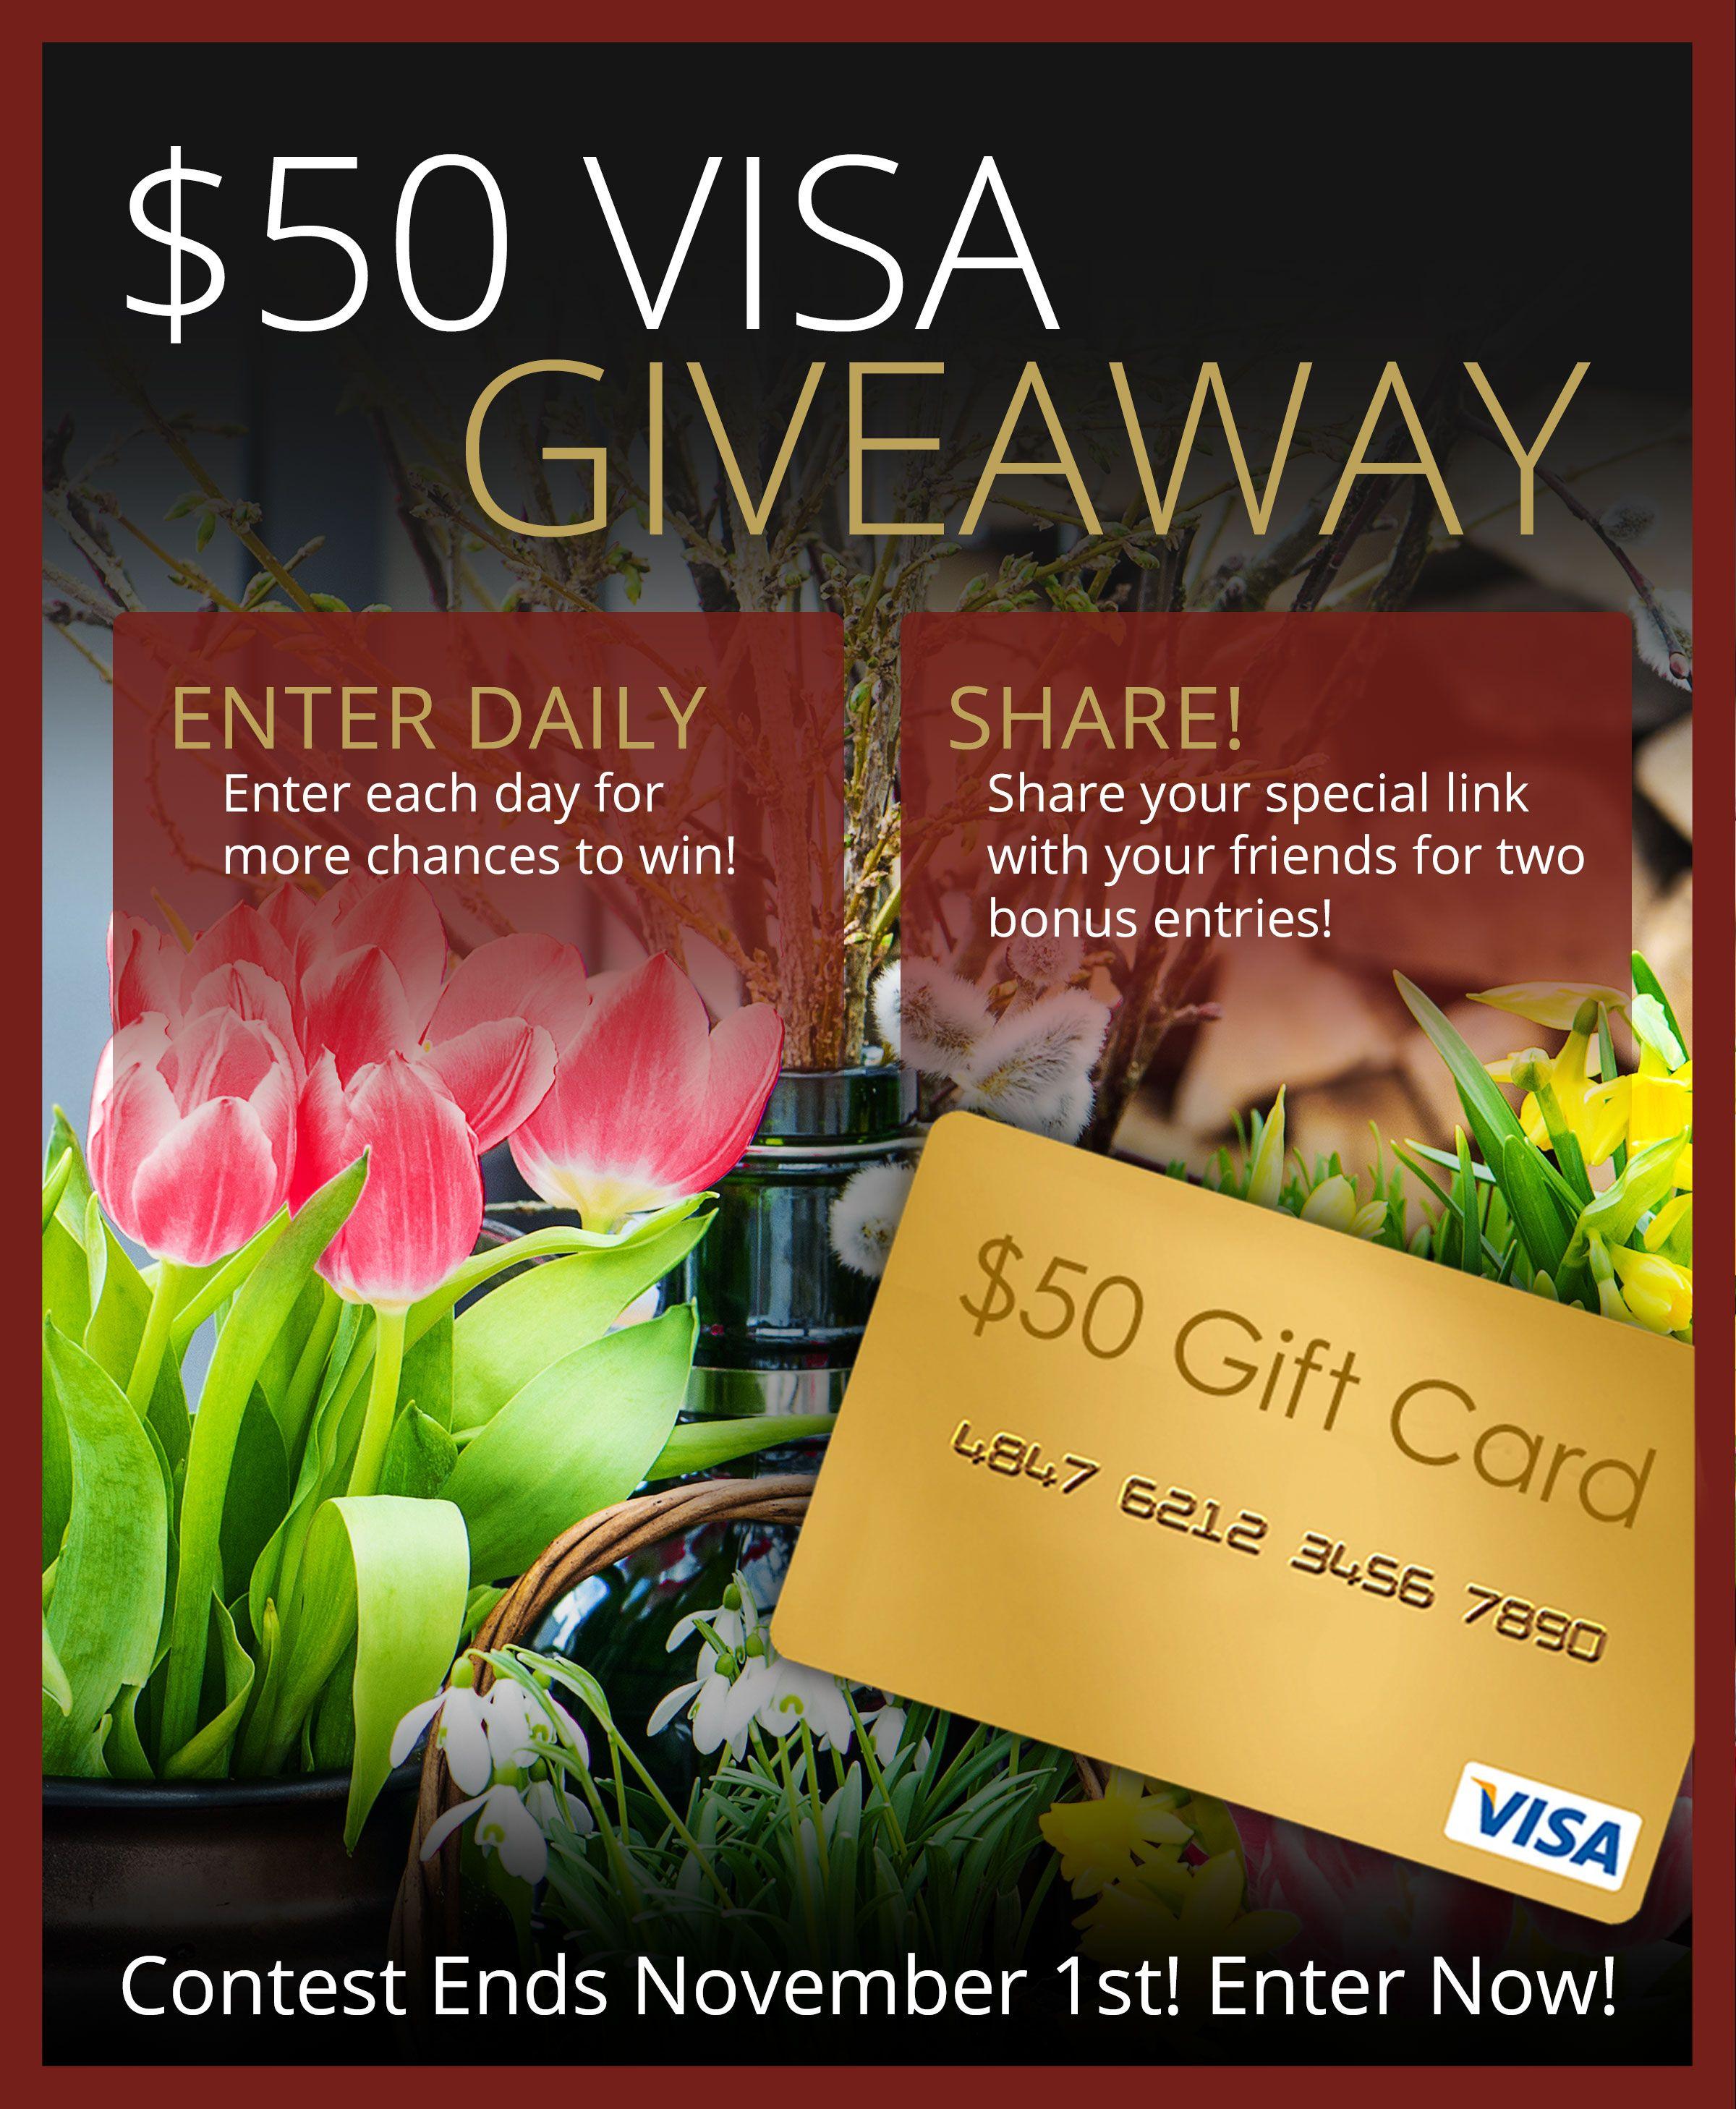 50 visa gift card giveaway ends 111 visa gift card